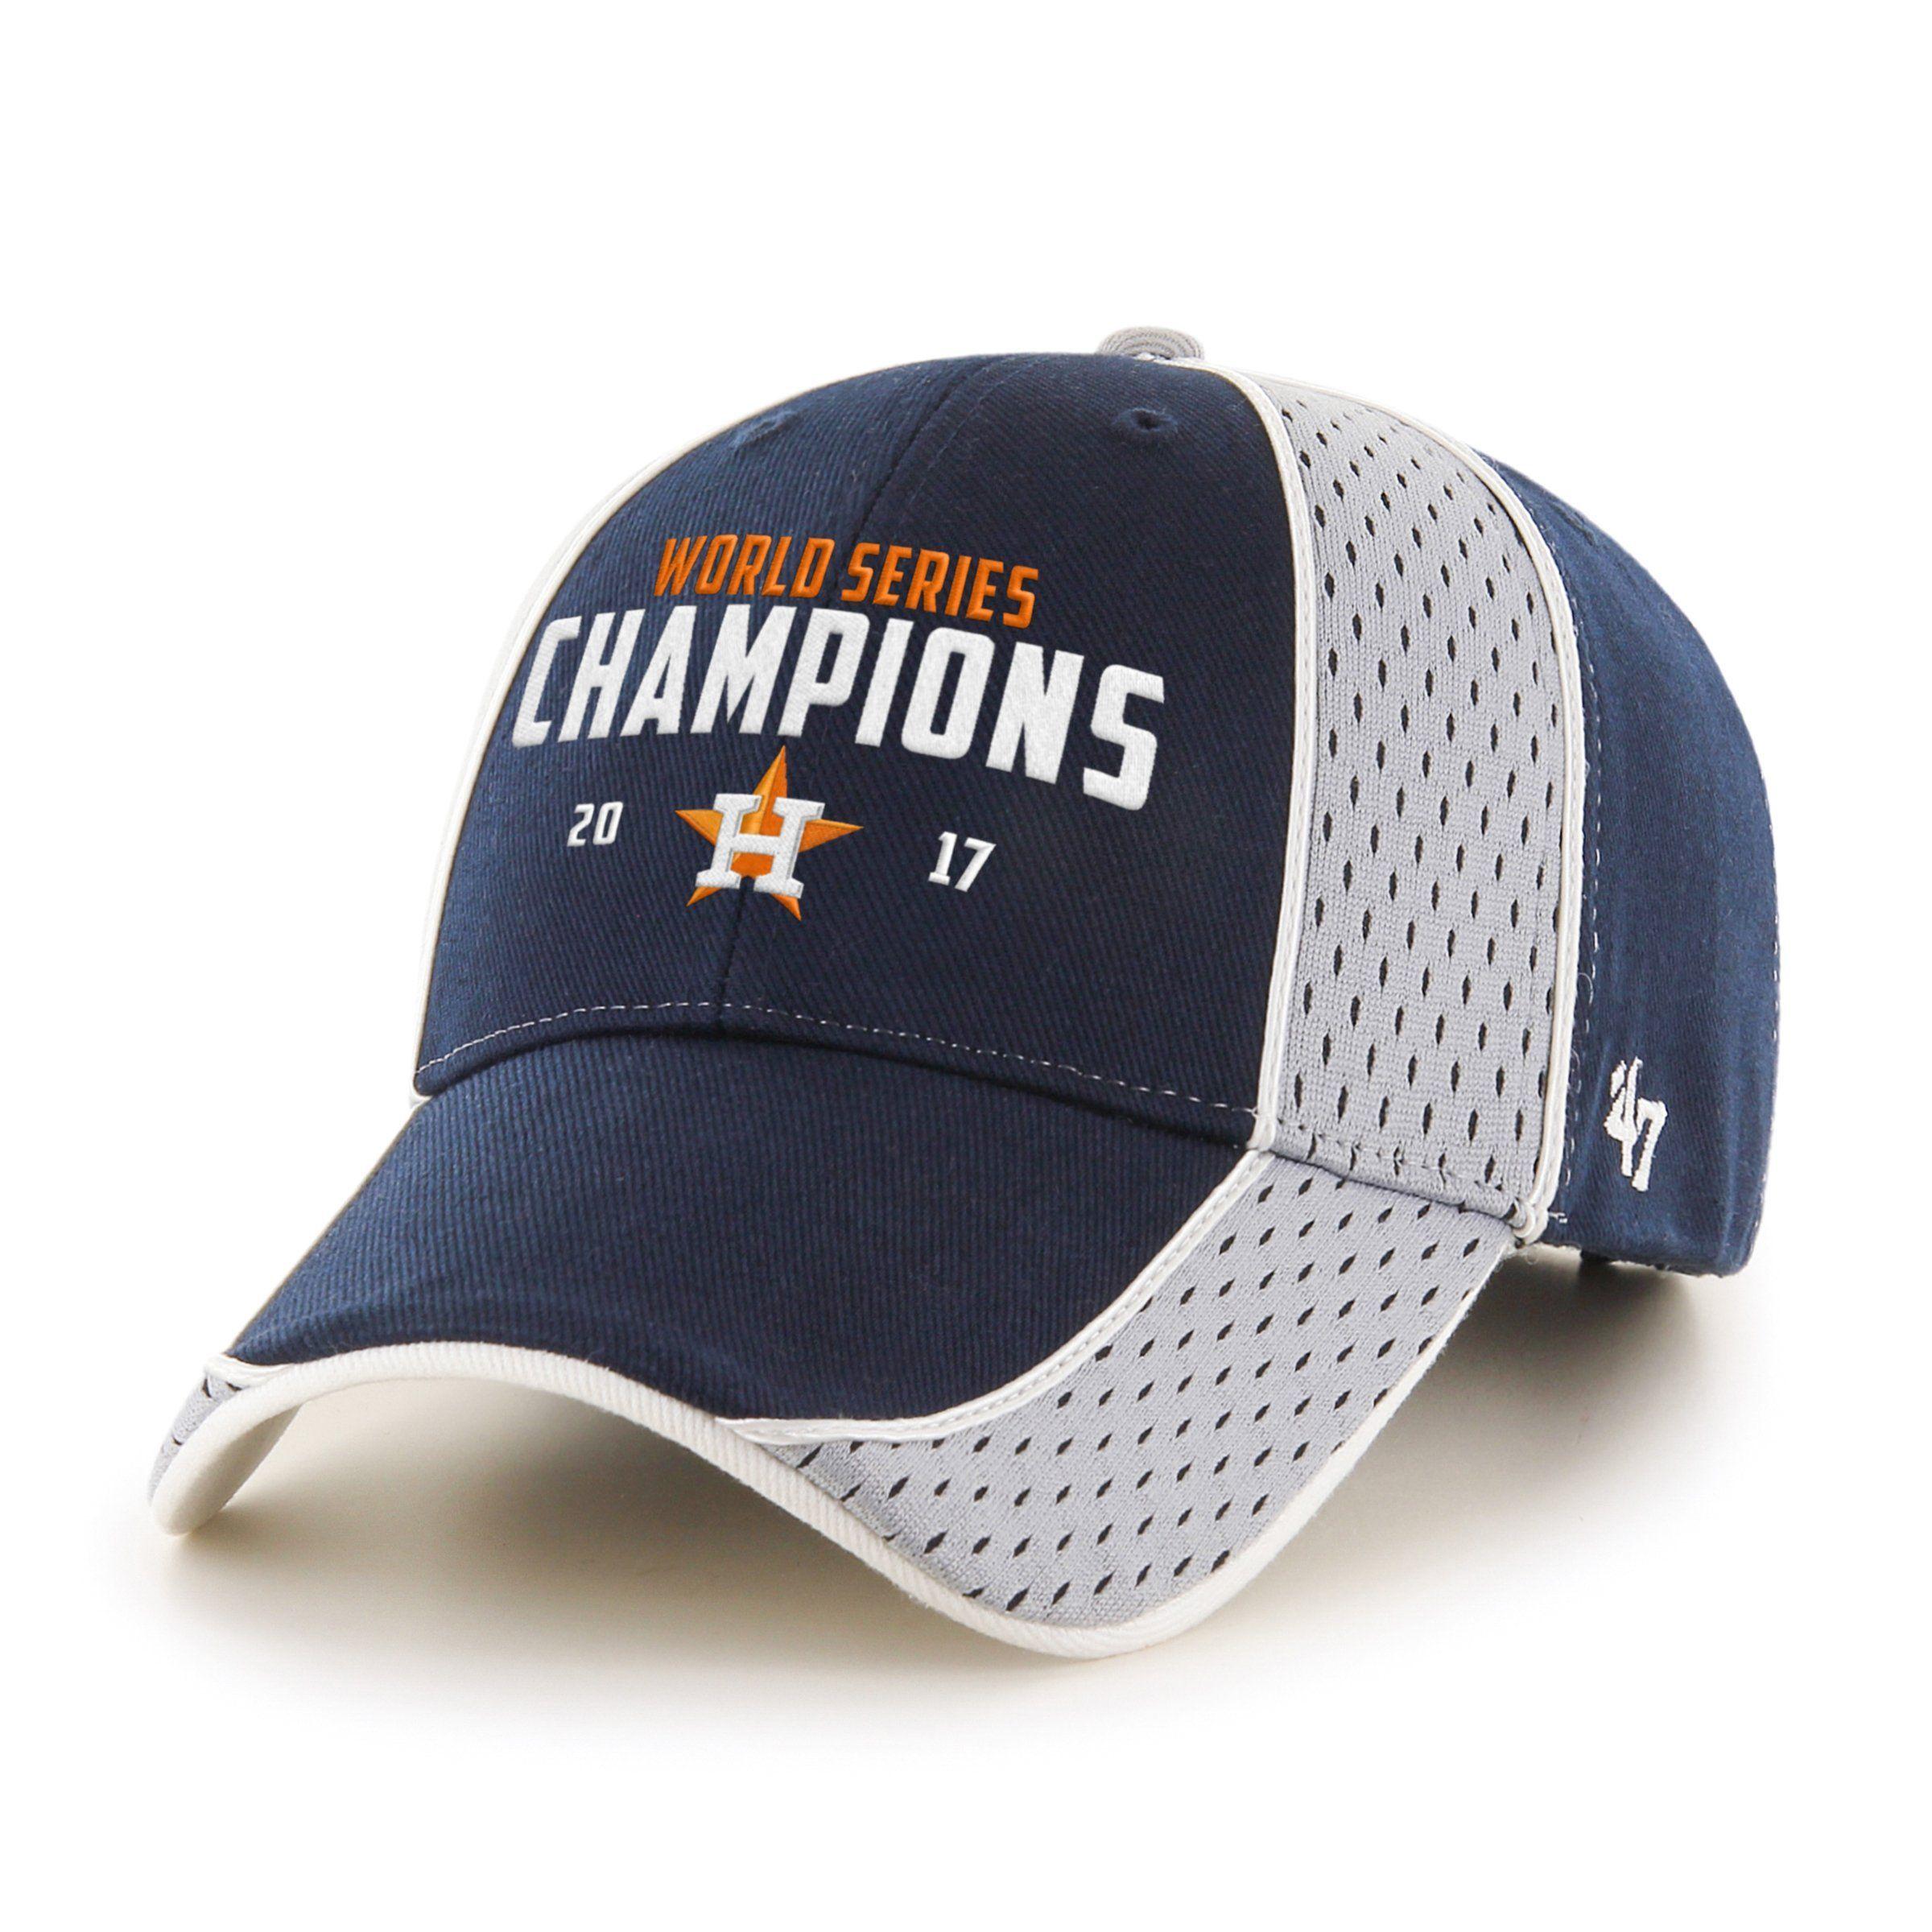 16061dbaf0942 ... best price houston astros 47 brand 2017 world series champions  structured navy adj hat cap 7a7f2